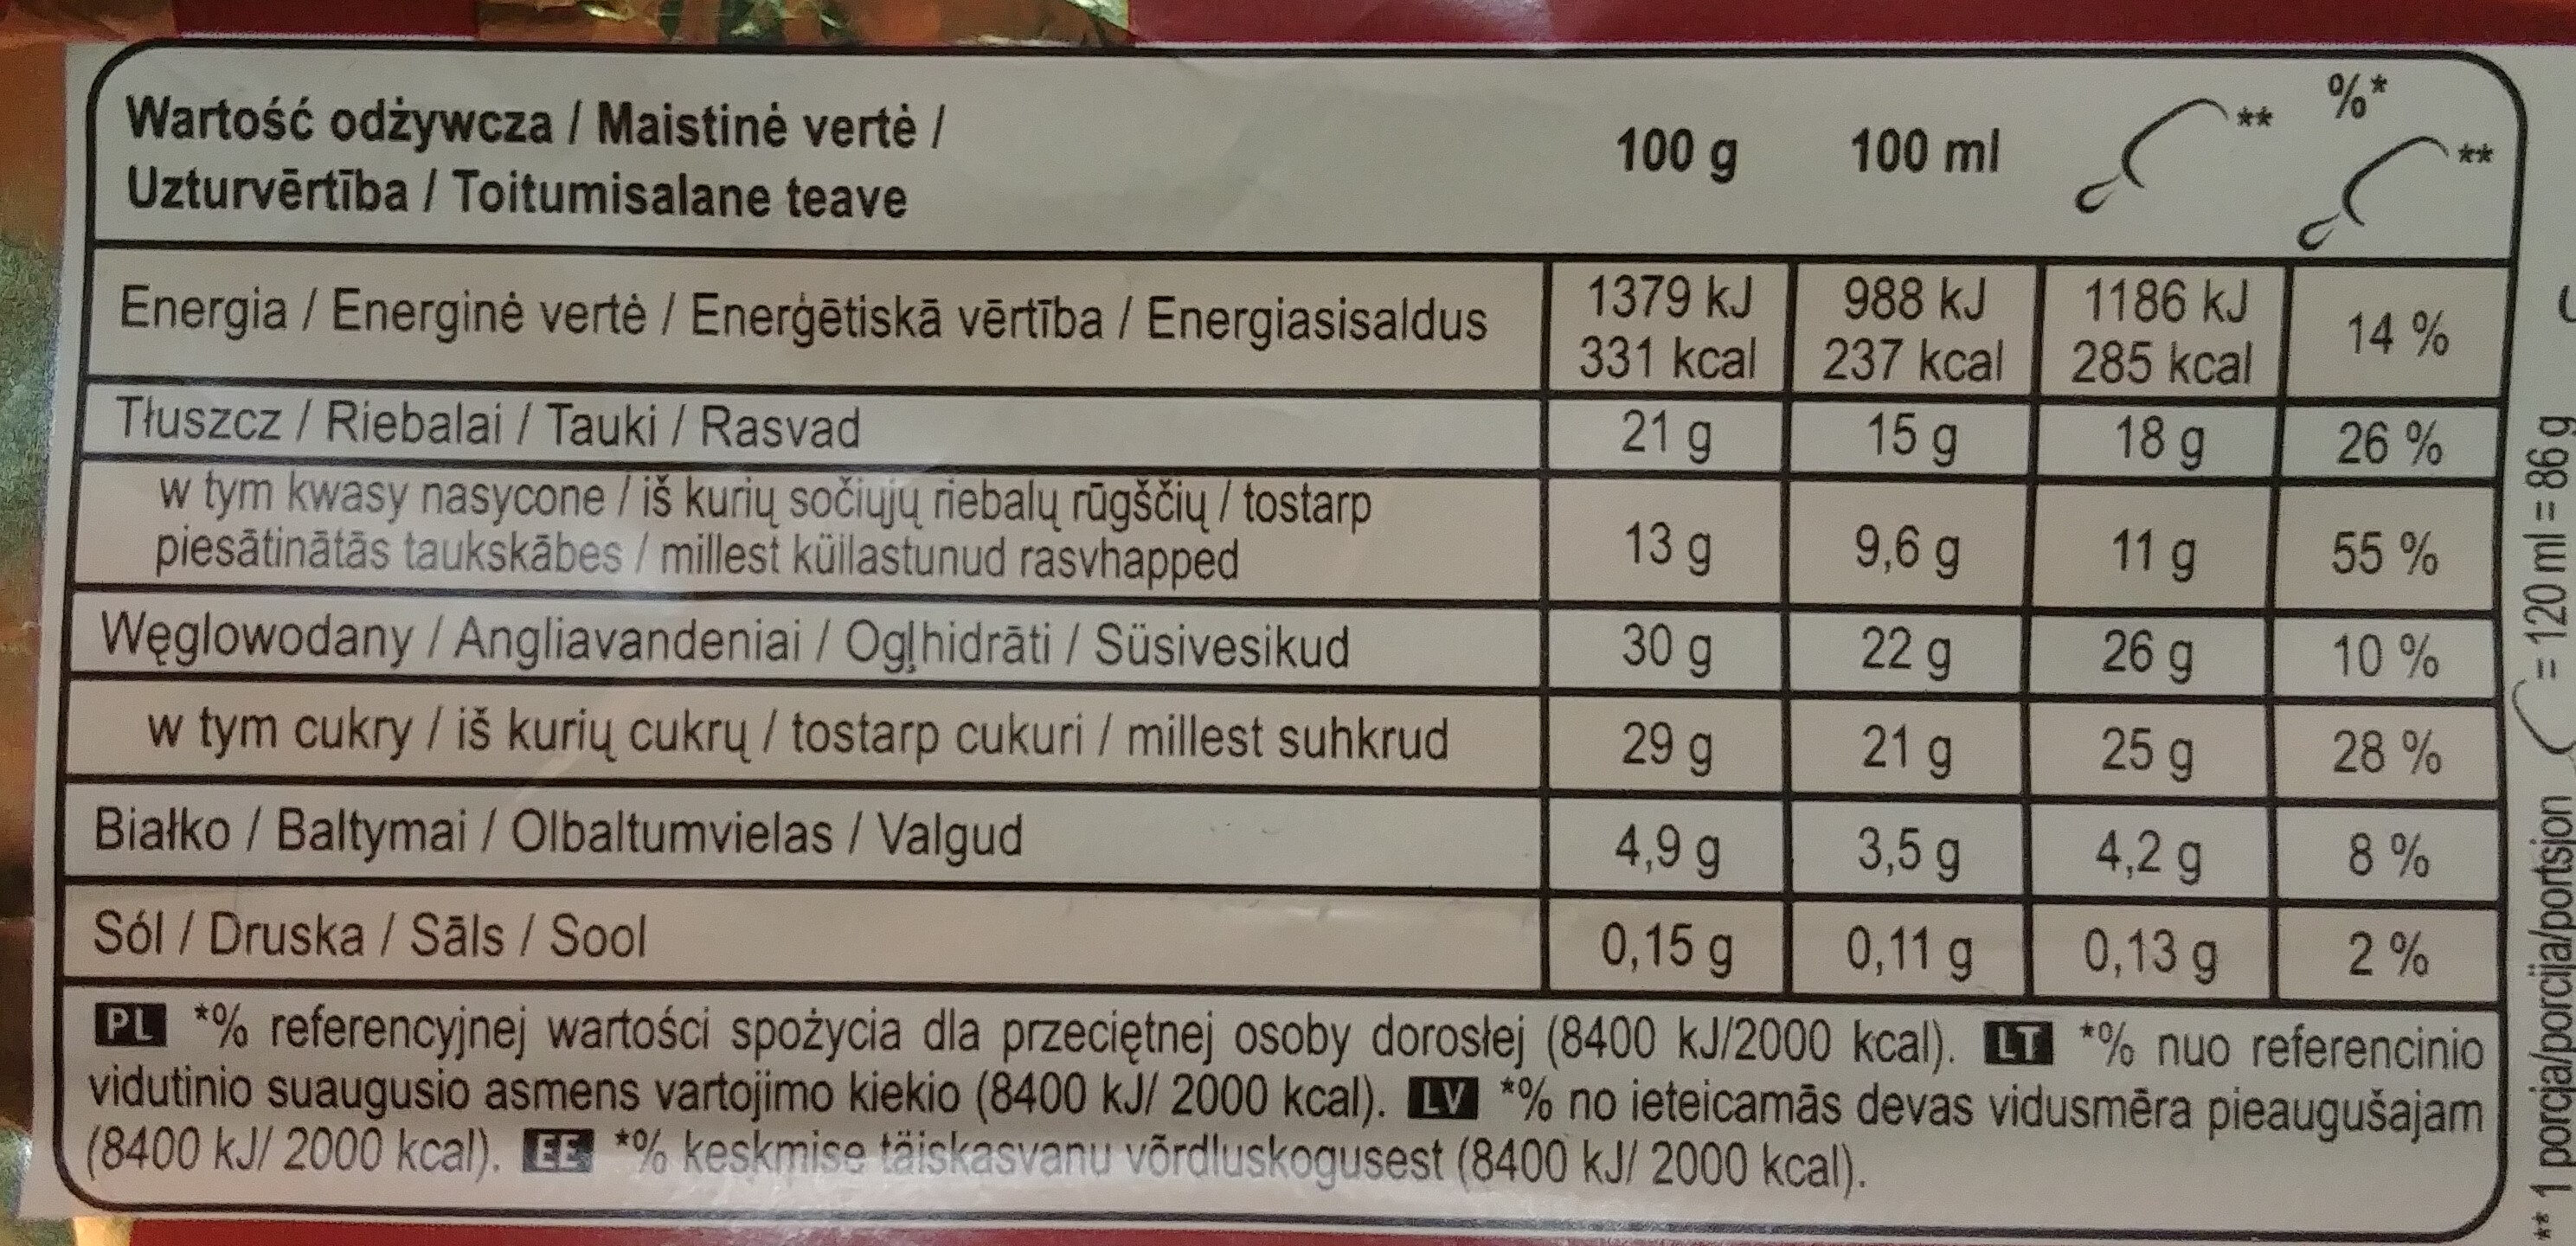 Lody z wanilią z Madagaskaru w polewie z mlecznej czekoladzie 28% i migdałami 5% - Wartości odżywcze